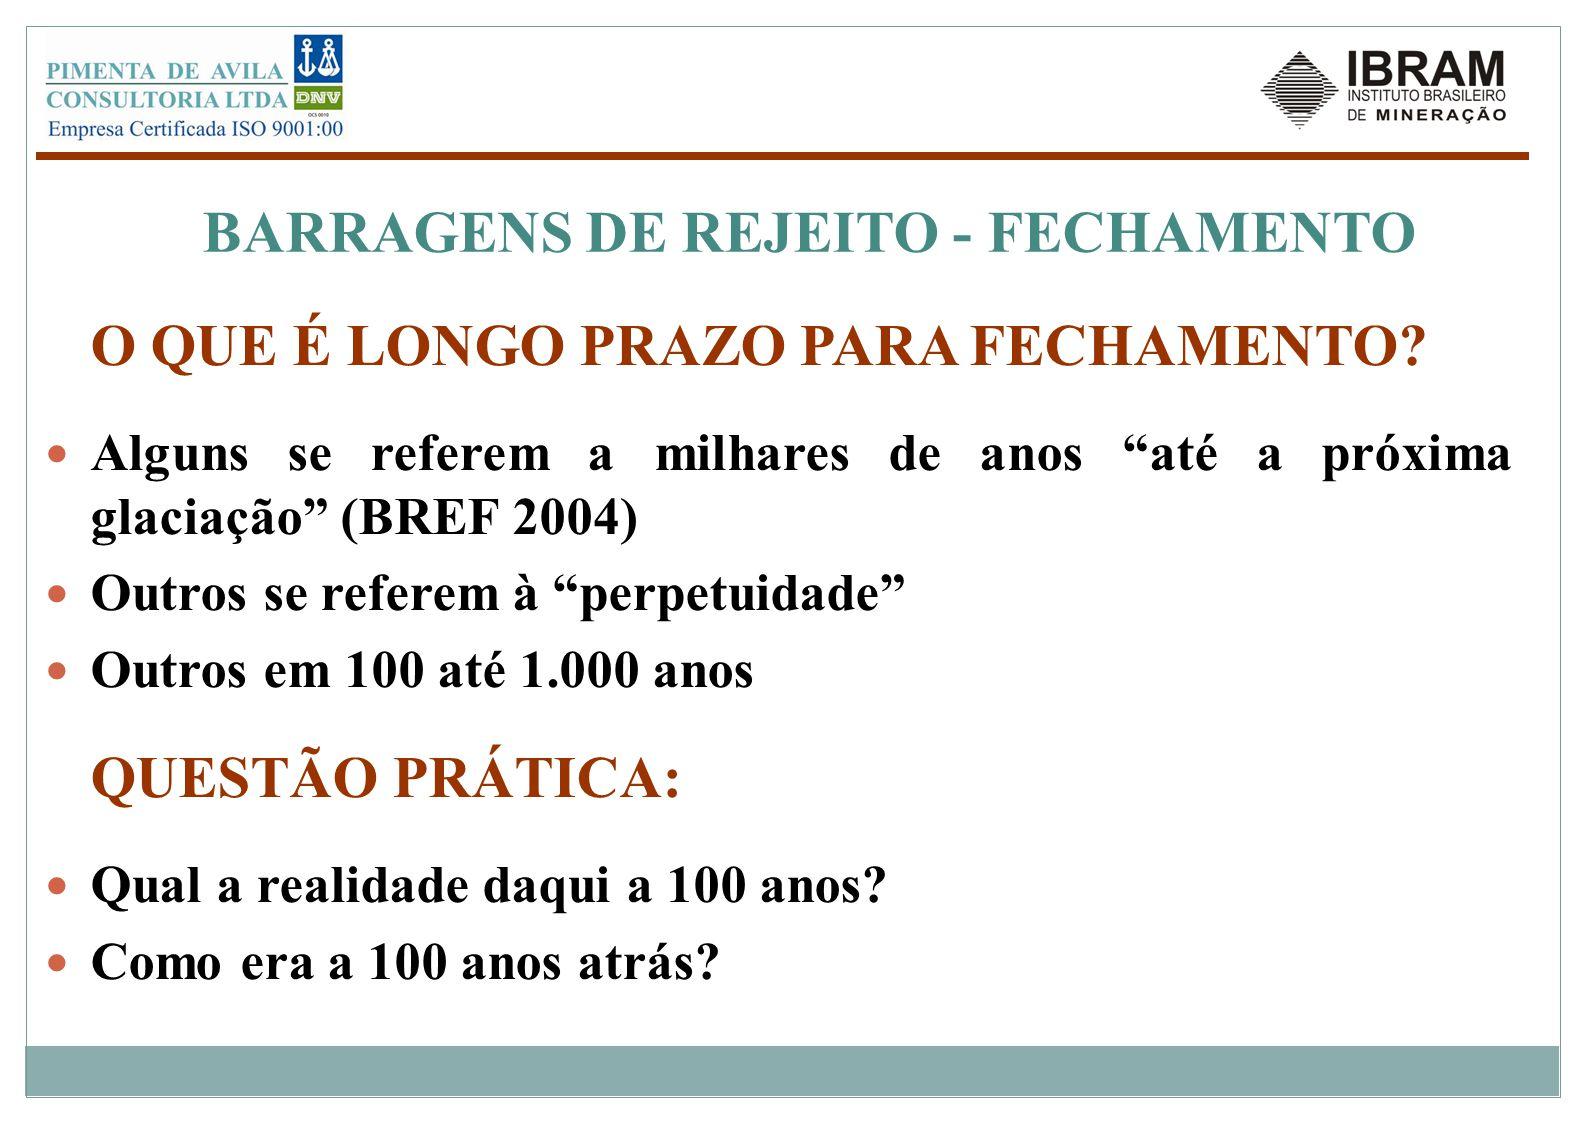 BARRAGENS DE REJEITO - FECHAMENTO